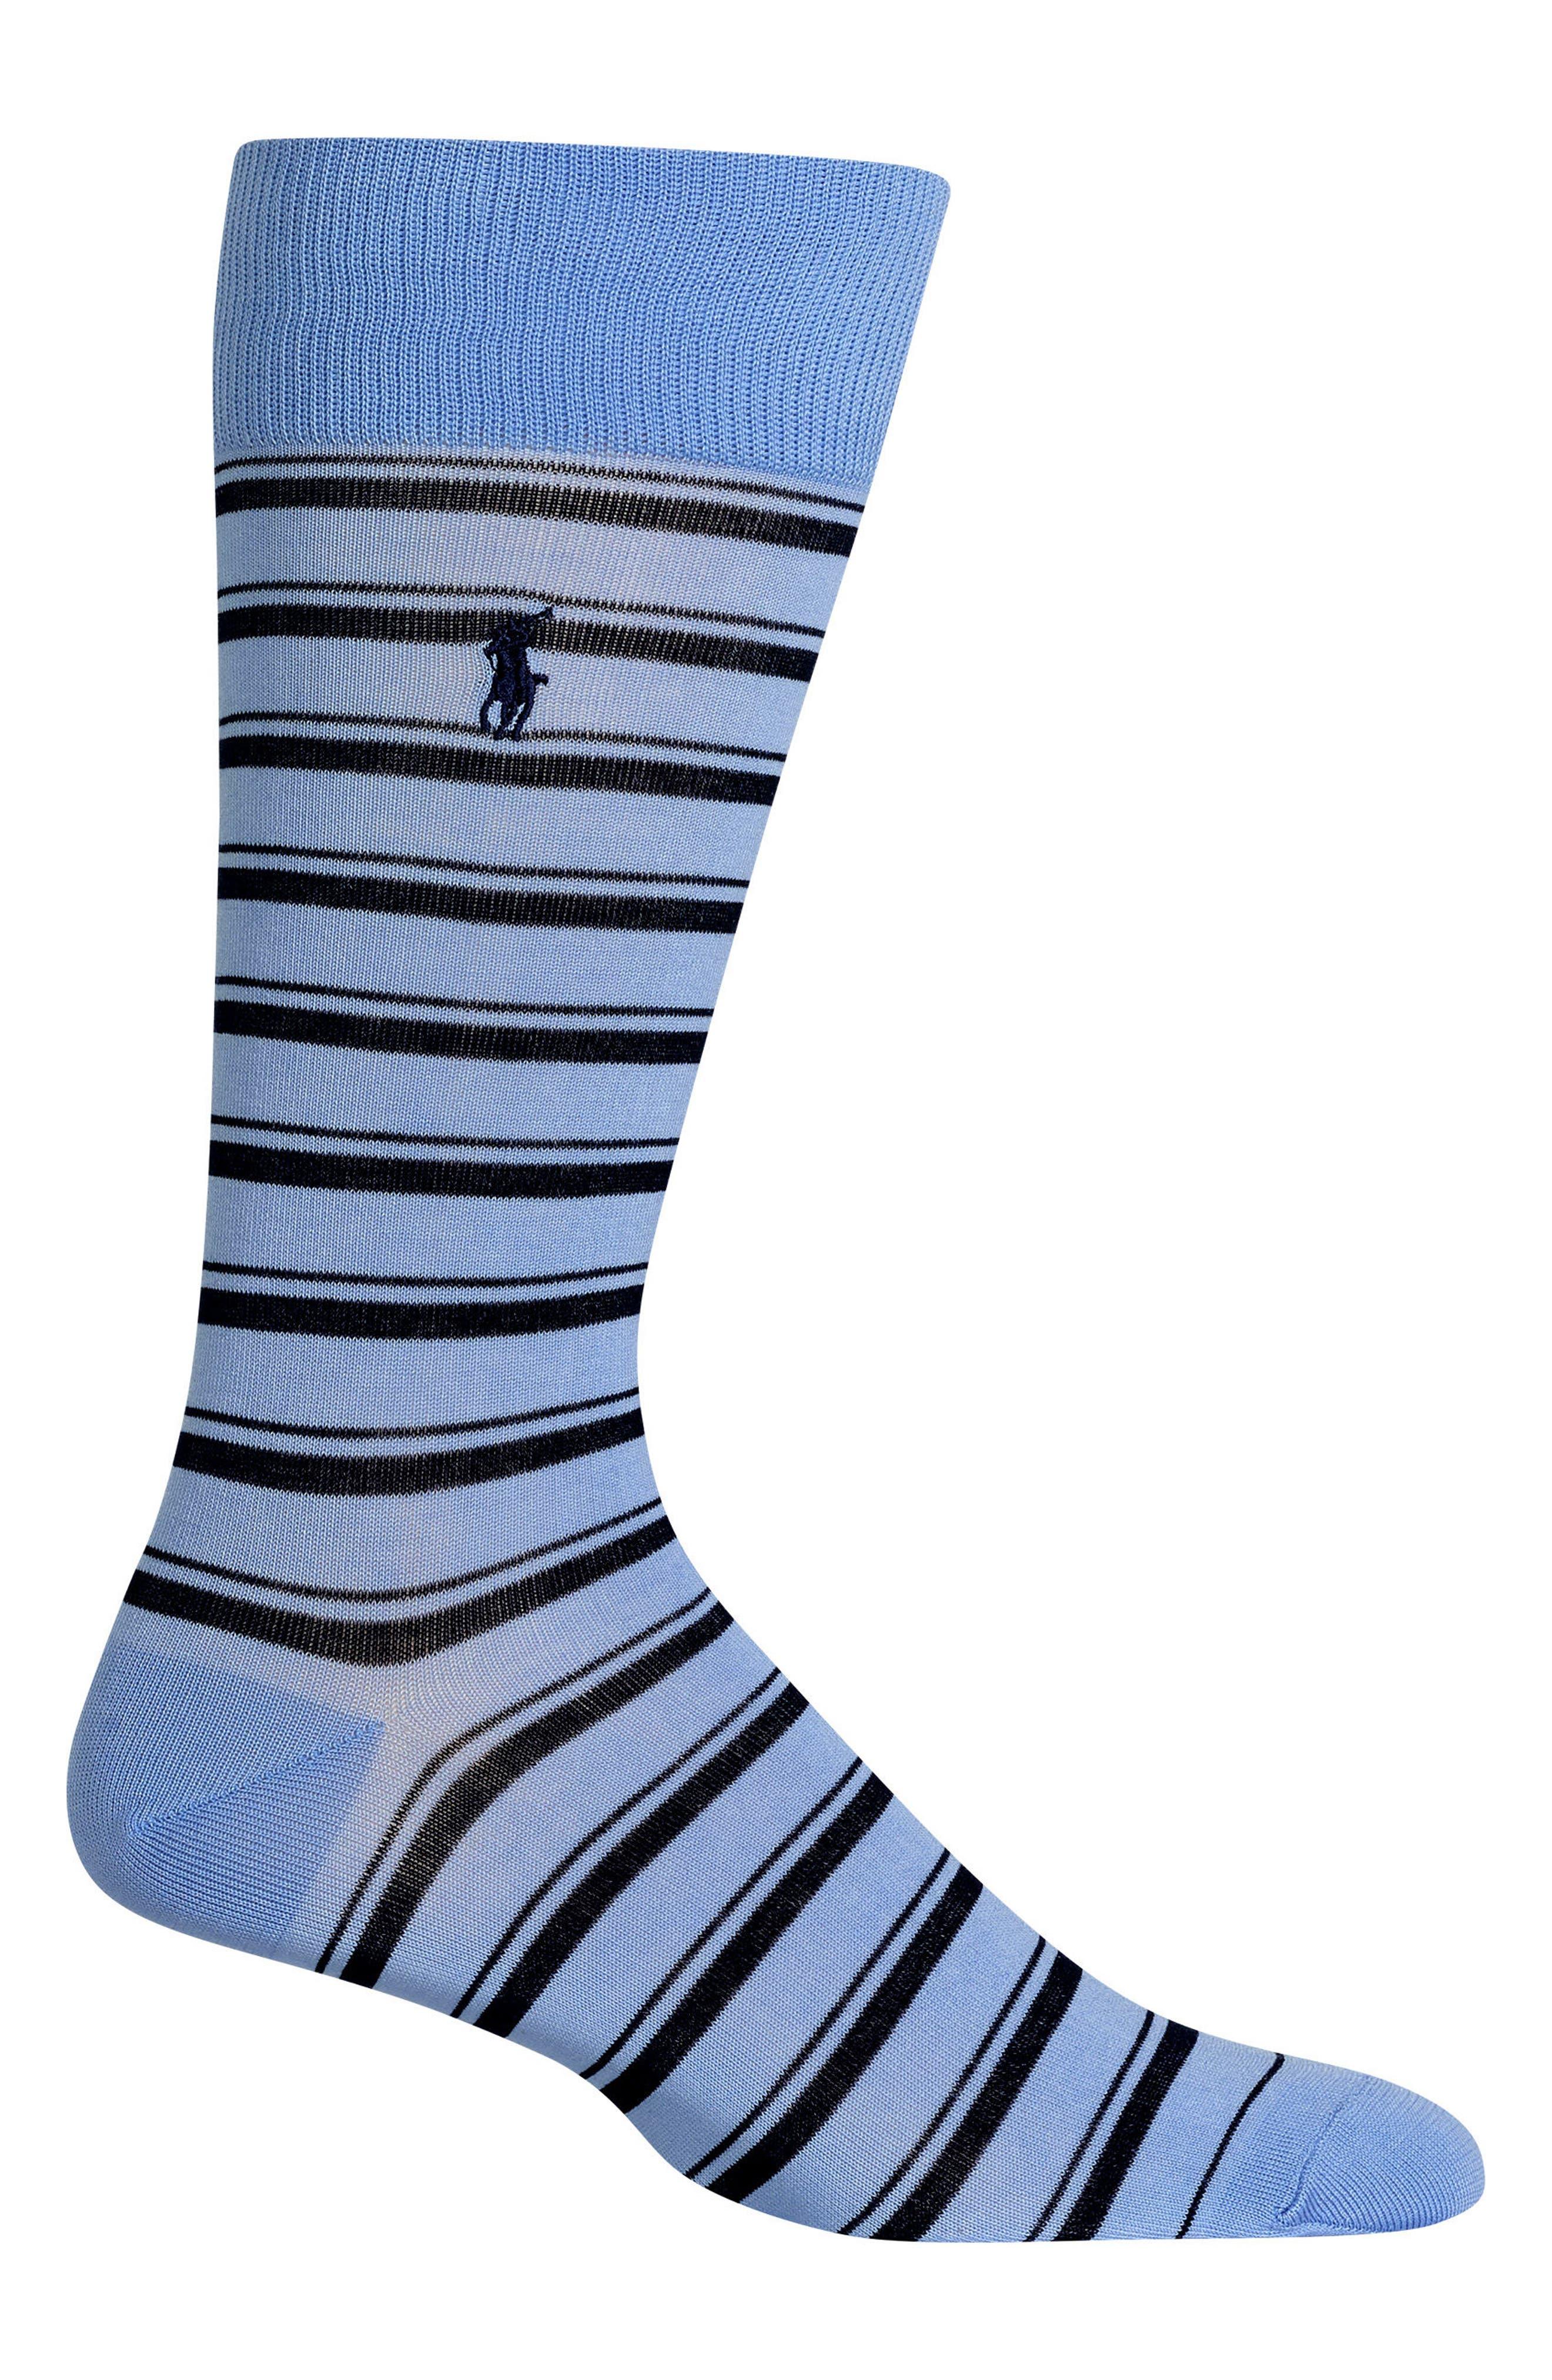 Ralph Lauren Stripe Socks,                             Main thumbnail 1, color,                             LIGHT BLUE